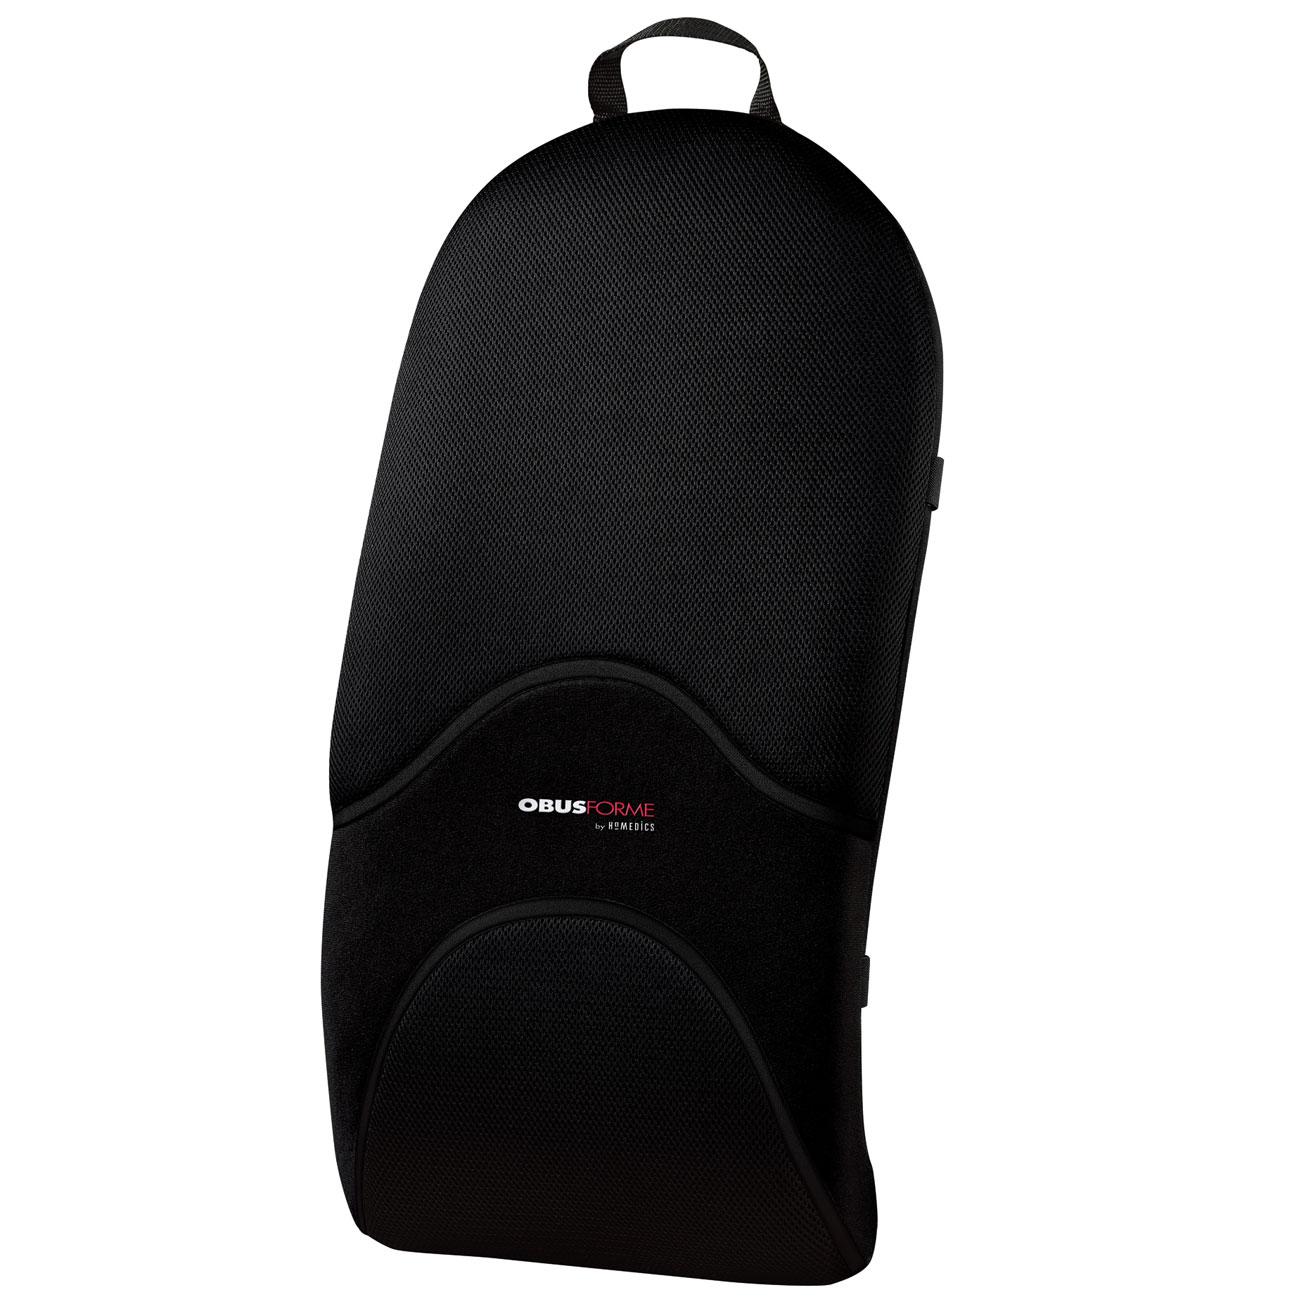 ObusUltraForme Backrest Support - Medium Size